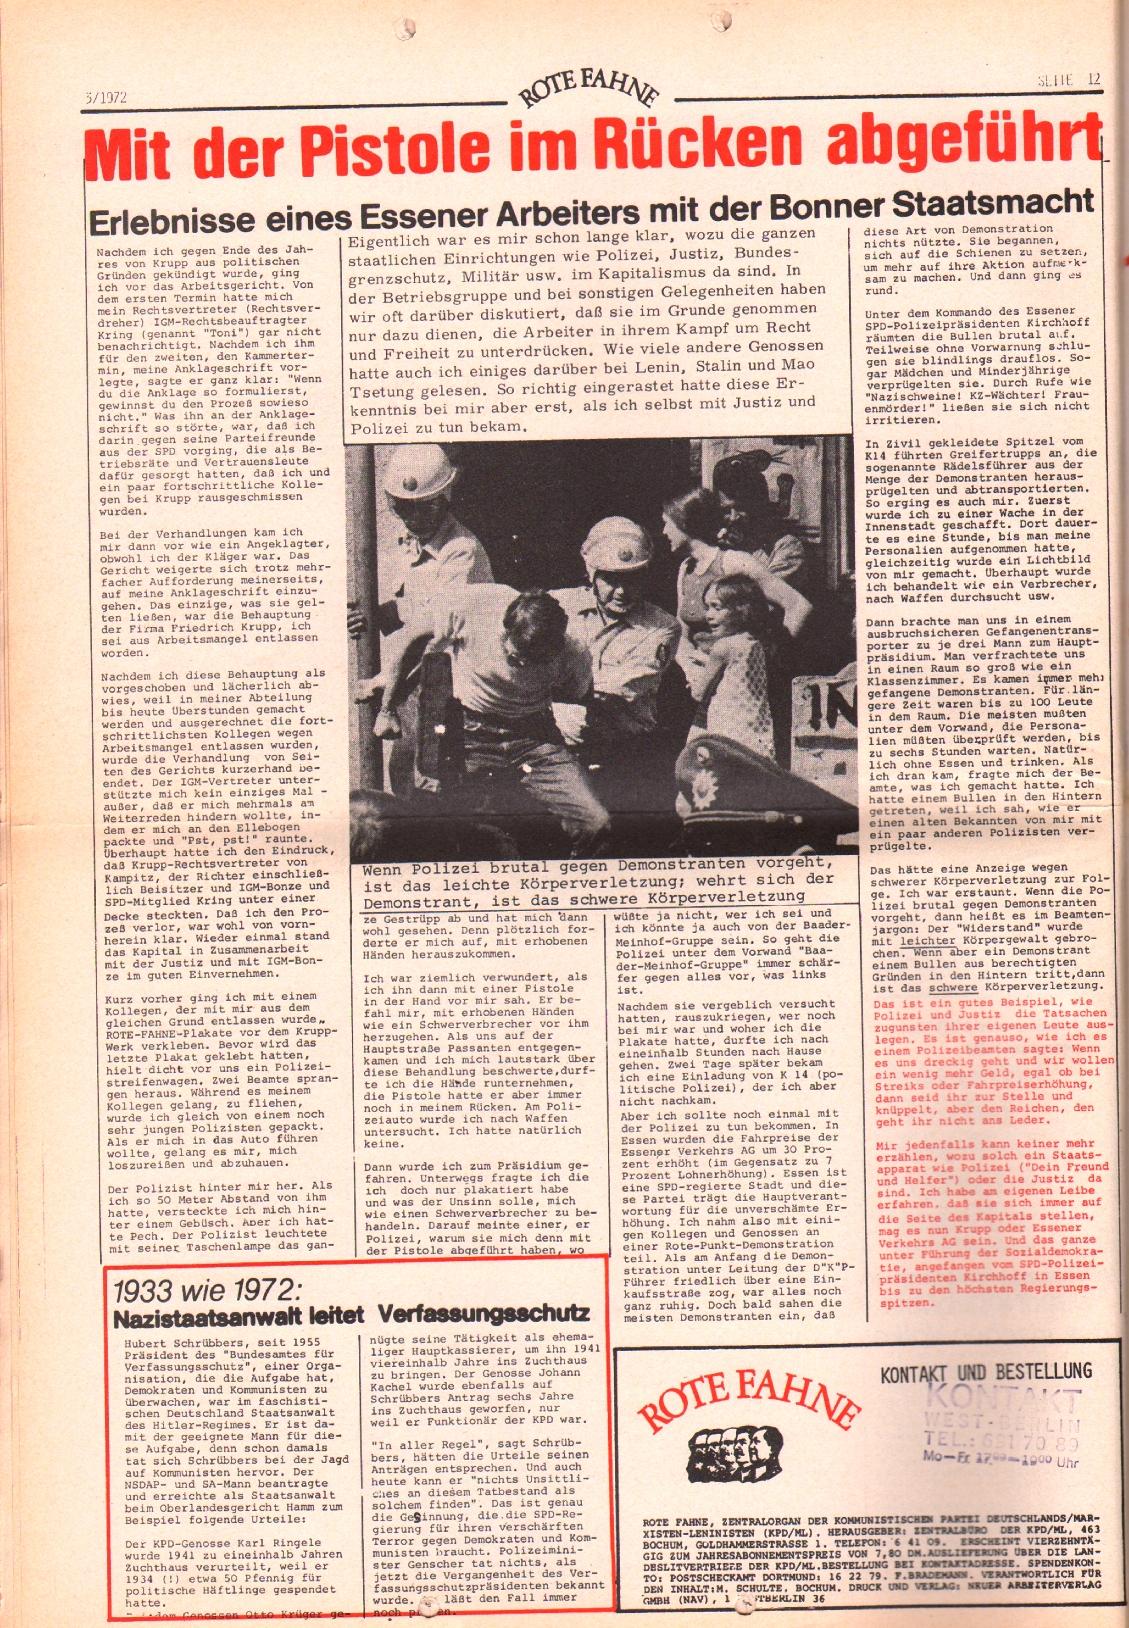 Rote Fahne, 3. Jg., 7.2.1972, Nr. 3, Seite 12